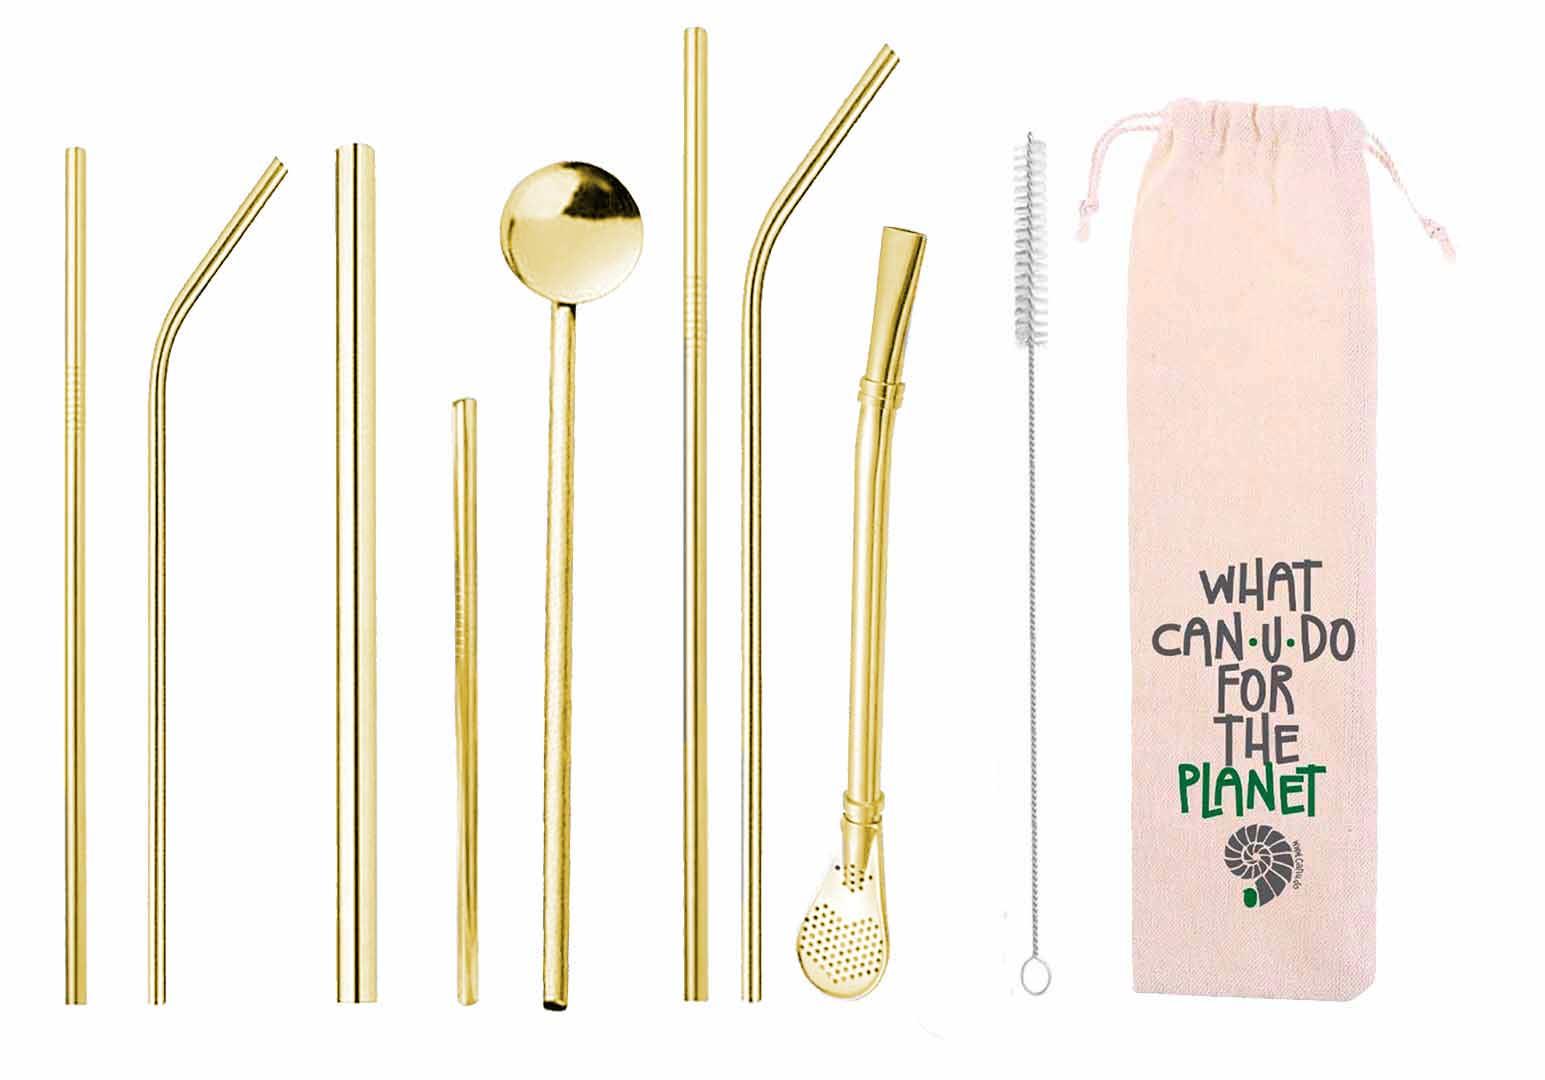 Kit 10 em 1 - Canudos variados em inox Dourado